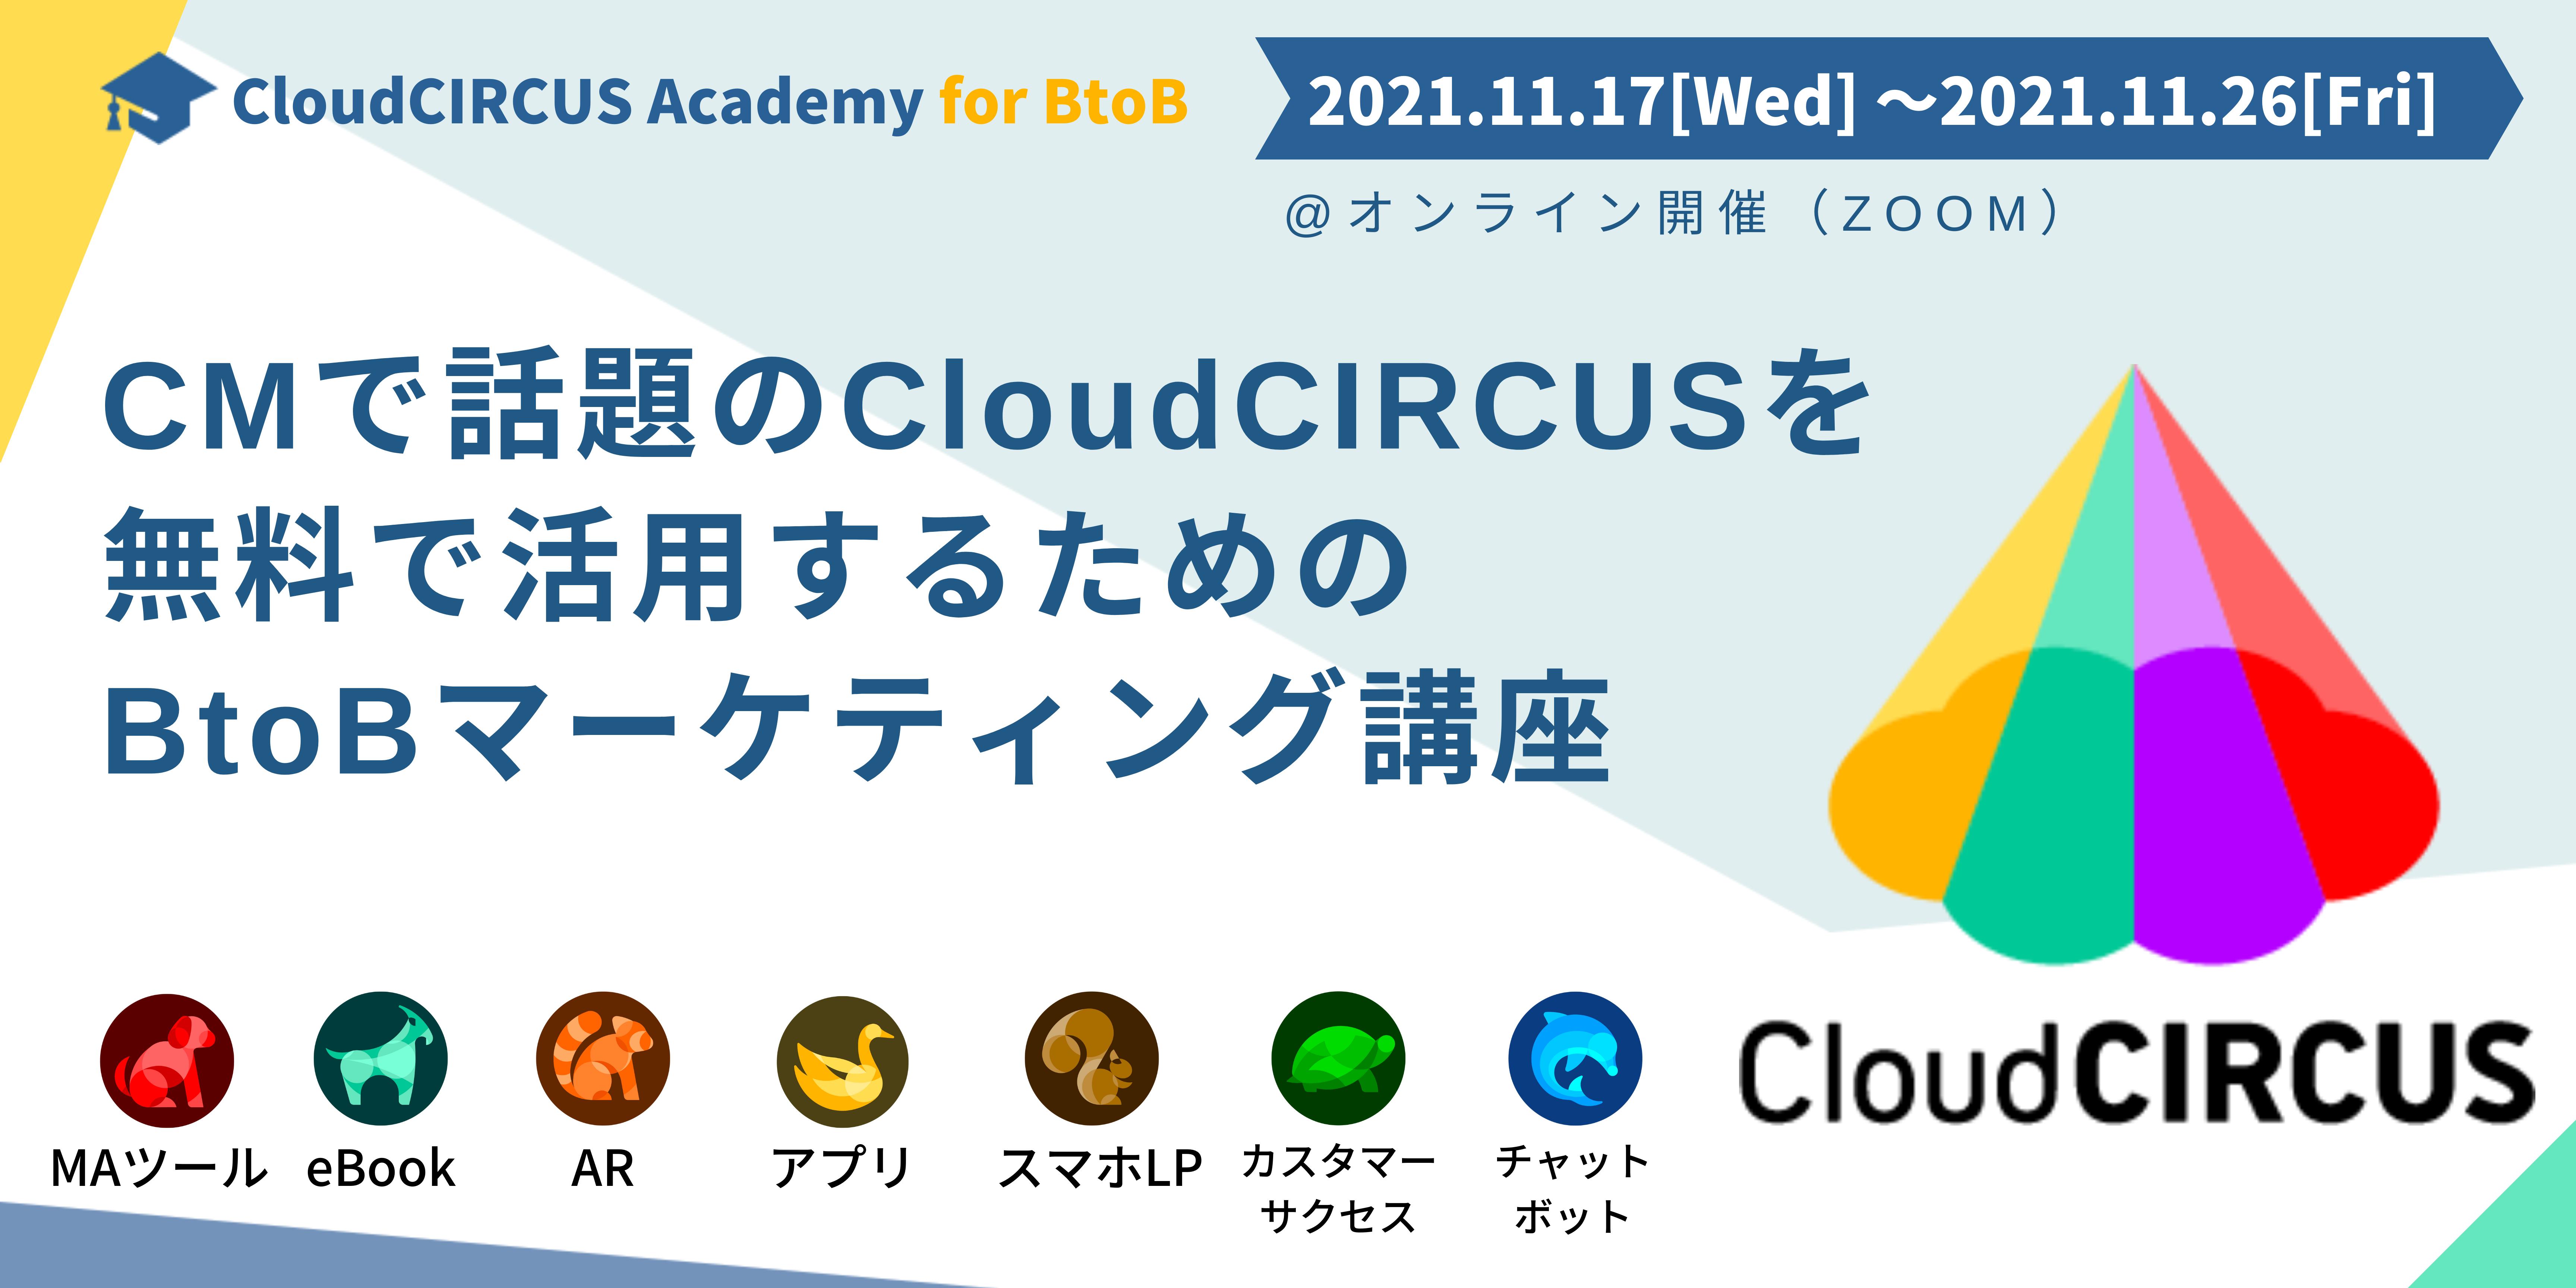 【7月29日(木)】CMで話題のCloudCIRCUSを無料で活用するためのBtoBマーケティング講座